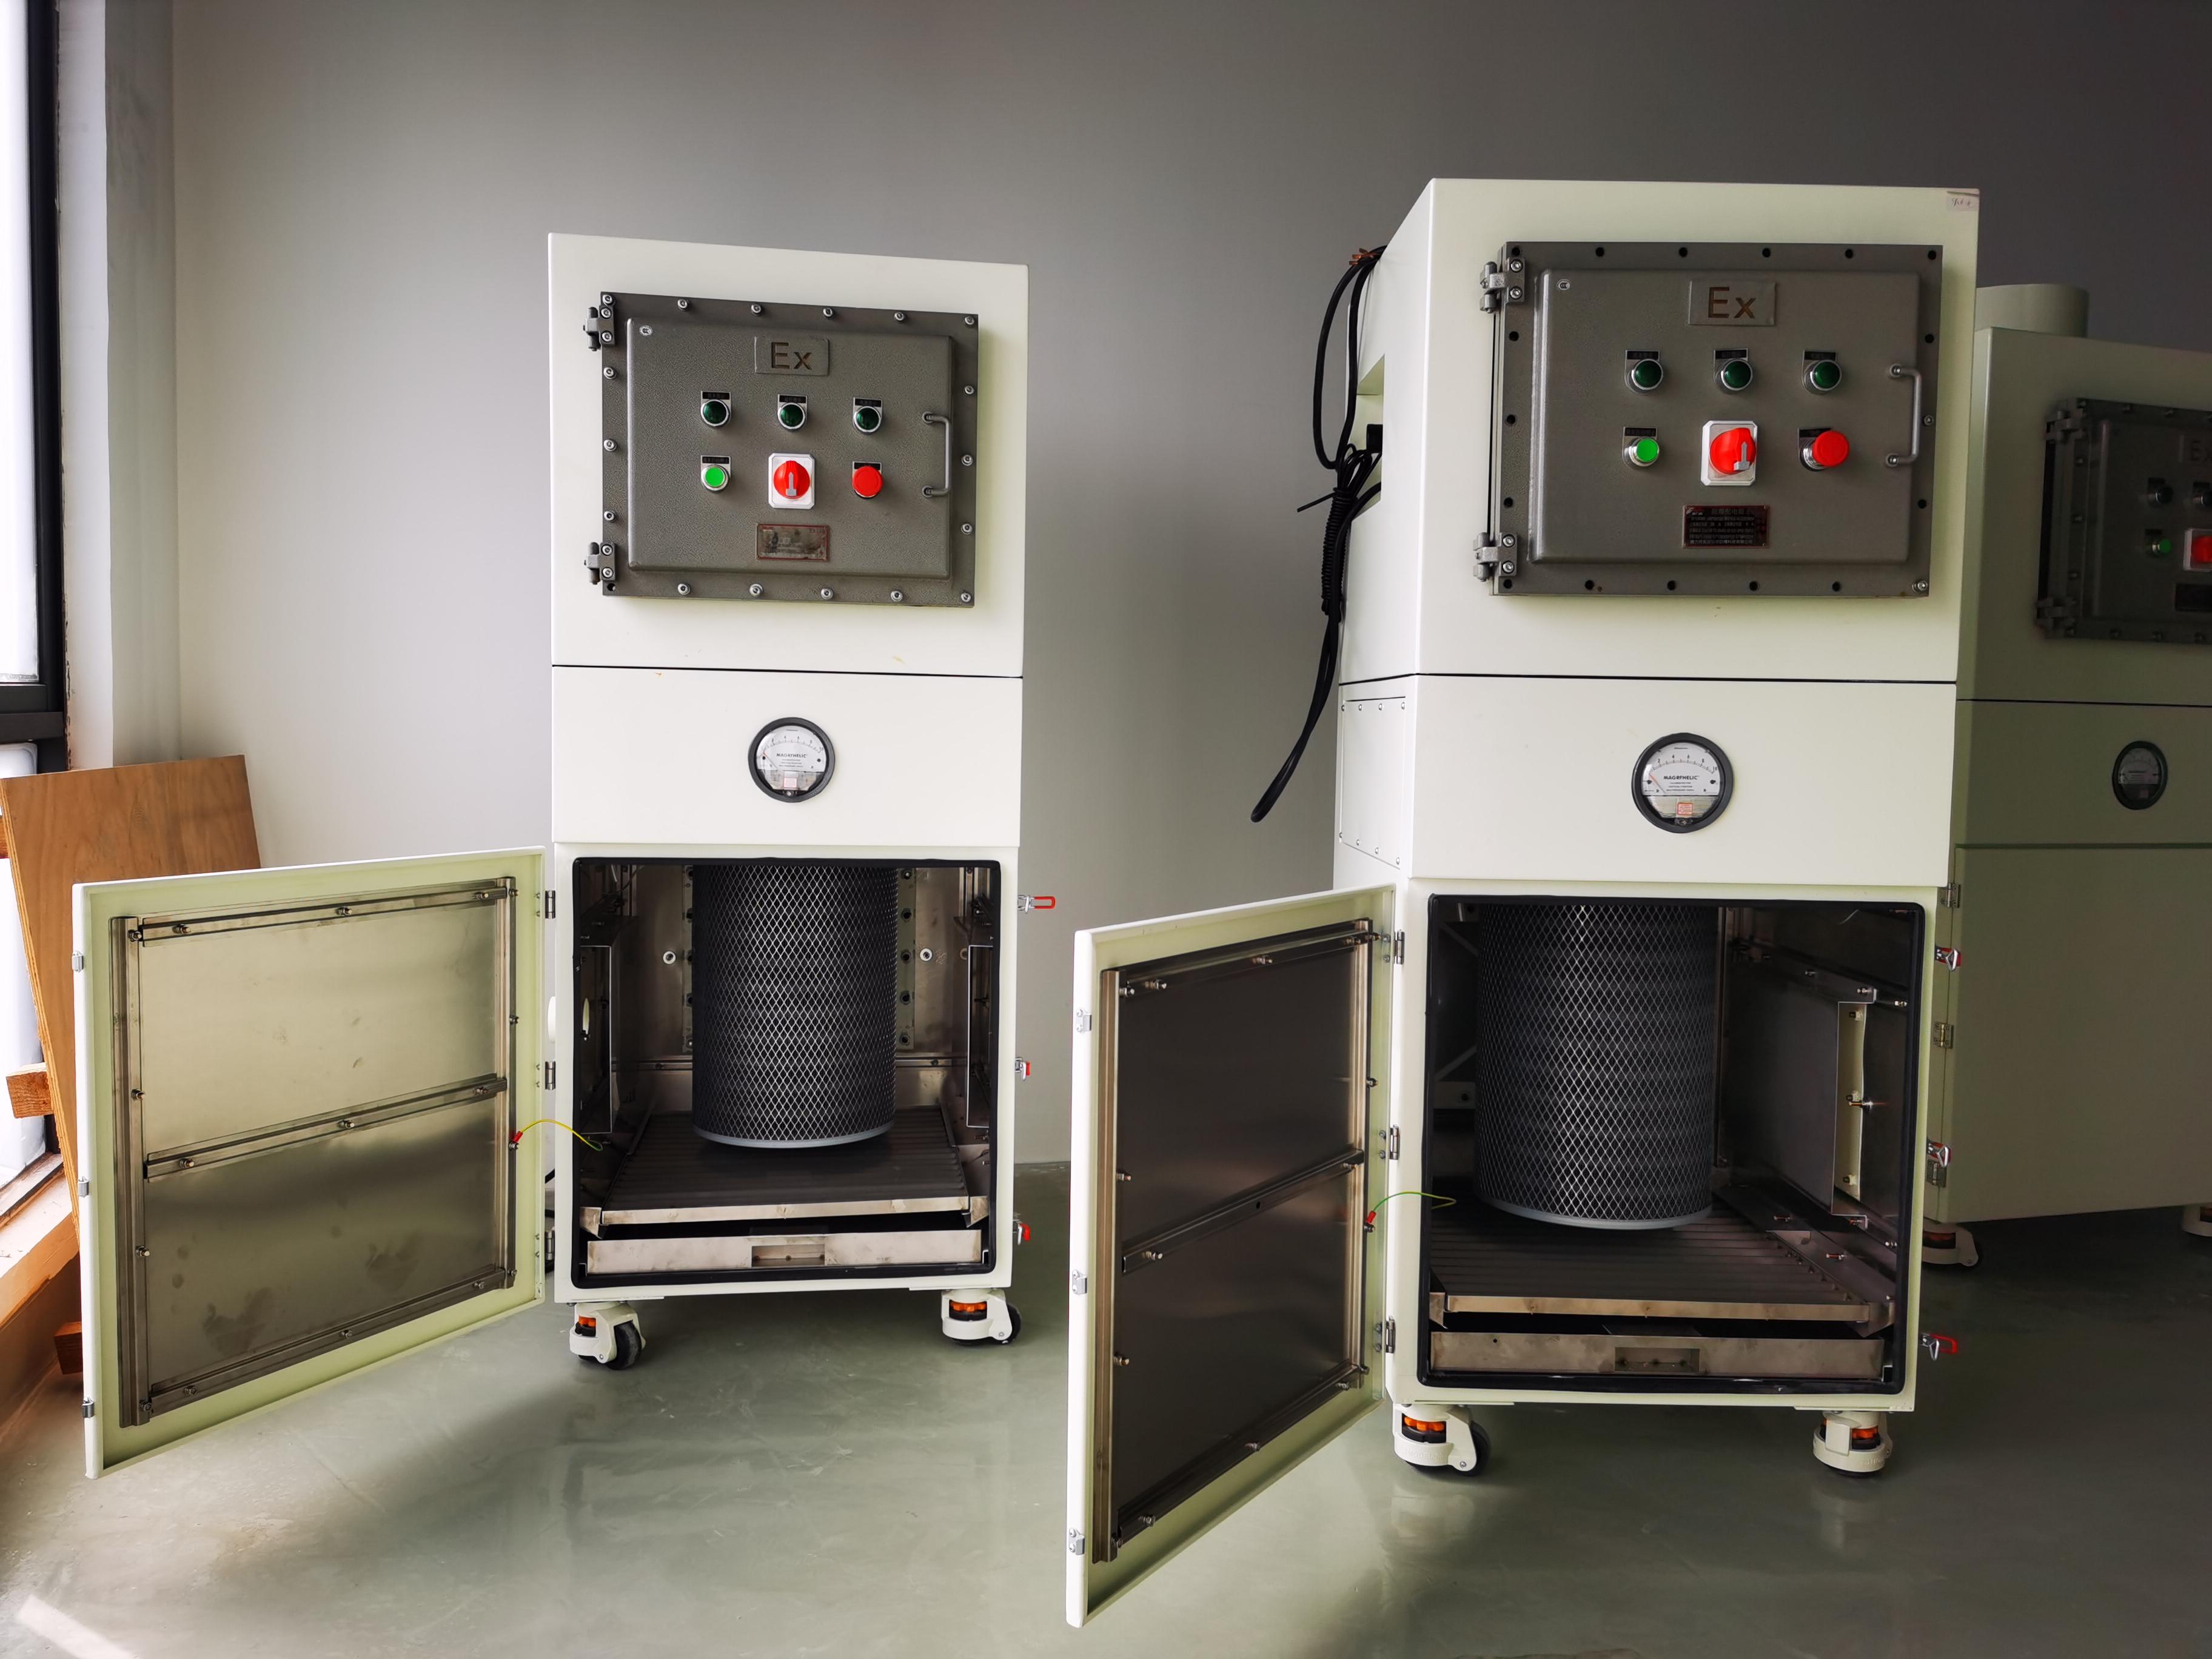 铝粉爆炸安全问题,执信环保铝粉防爆除尘器制造厂家!